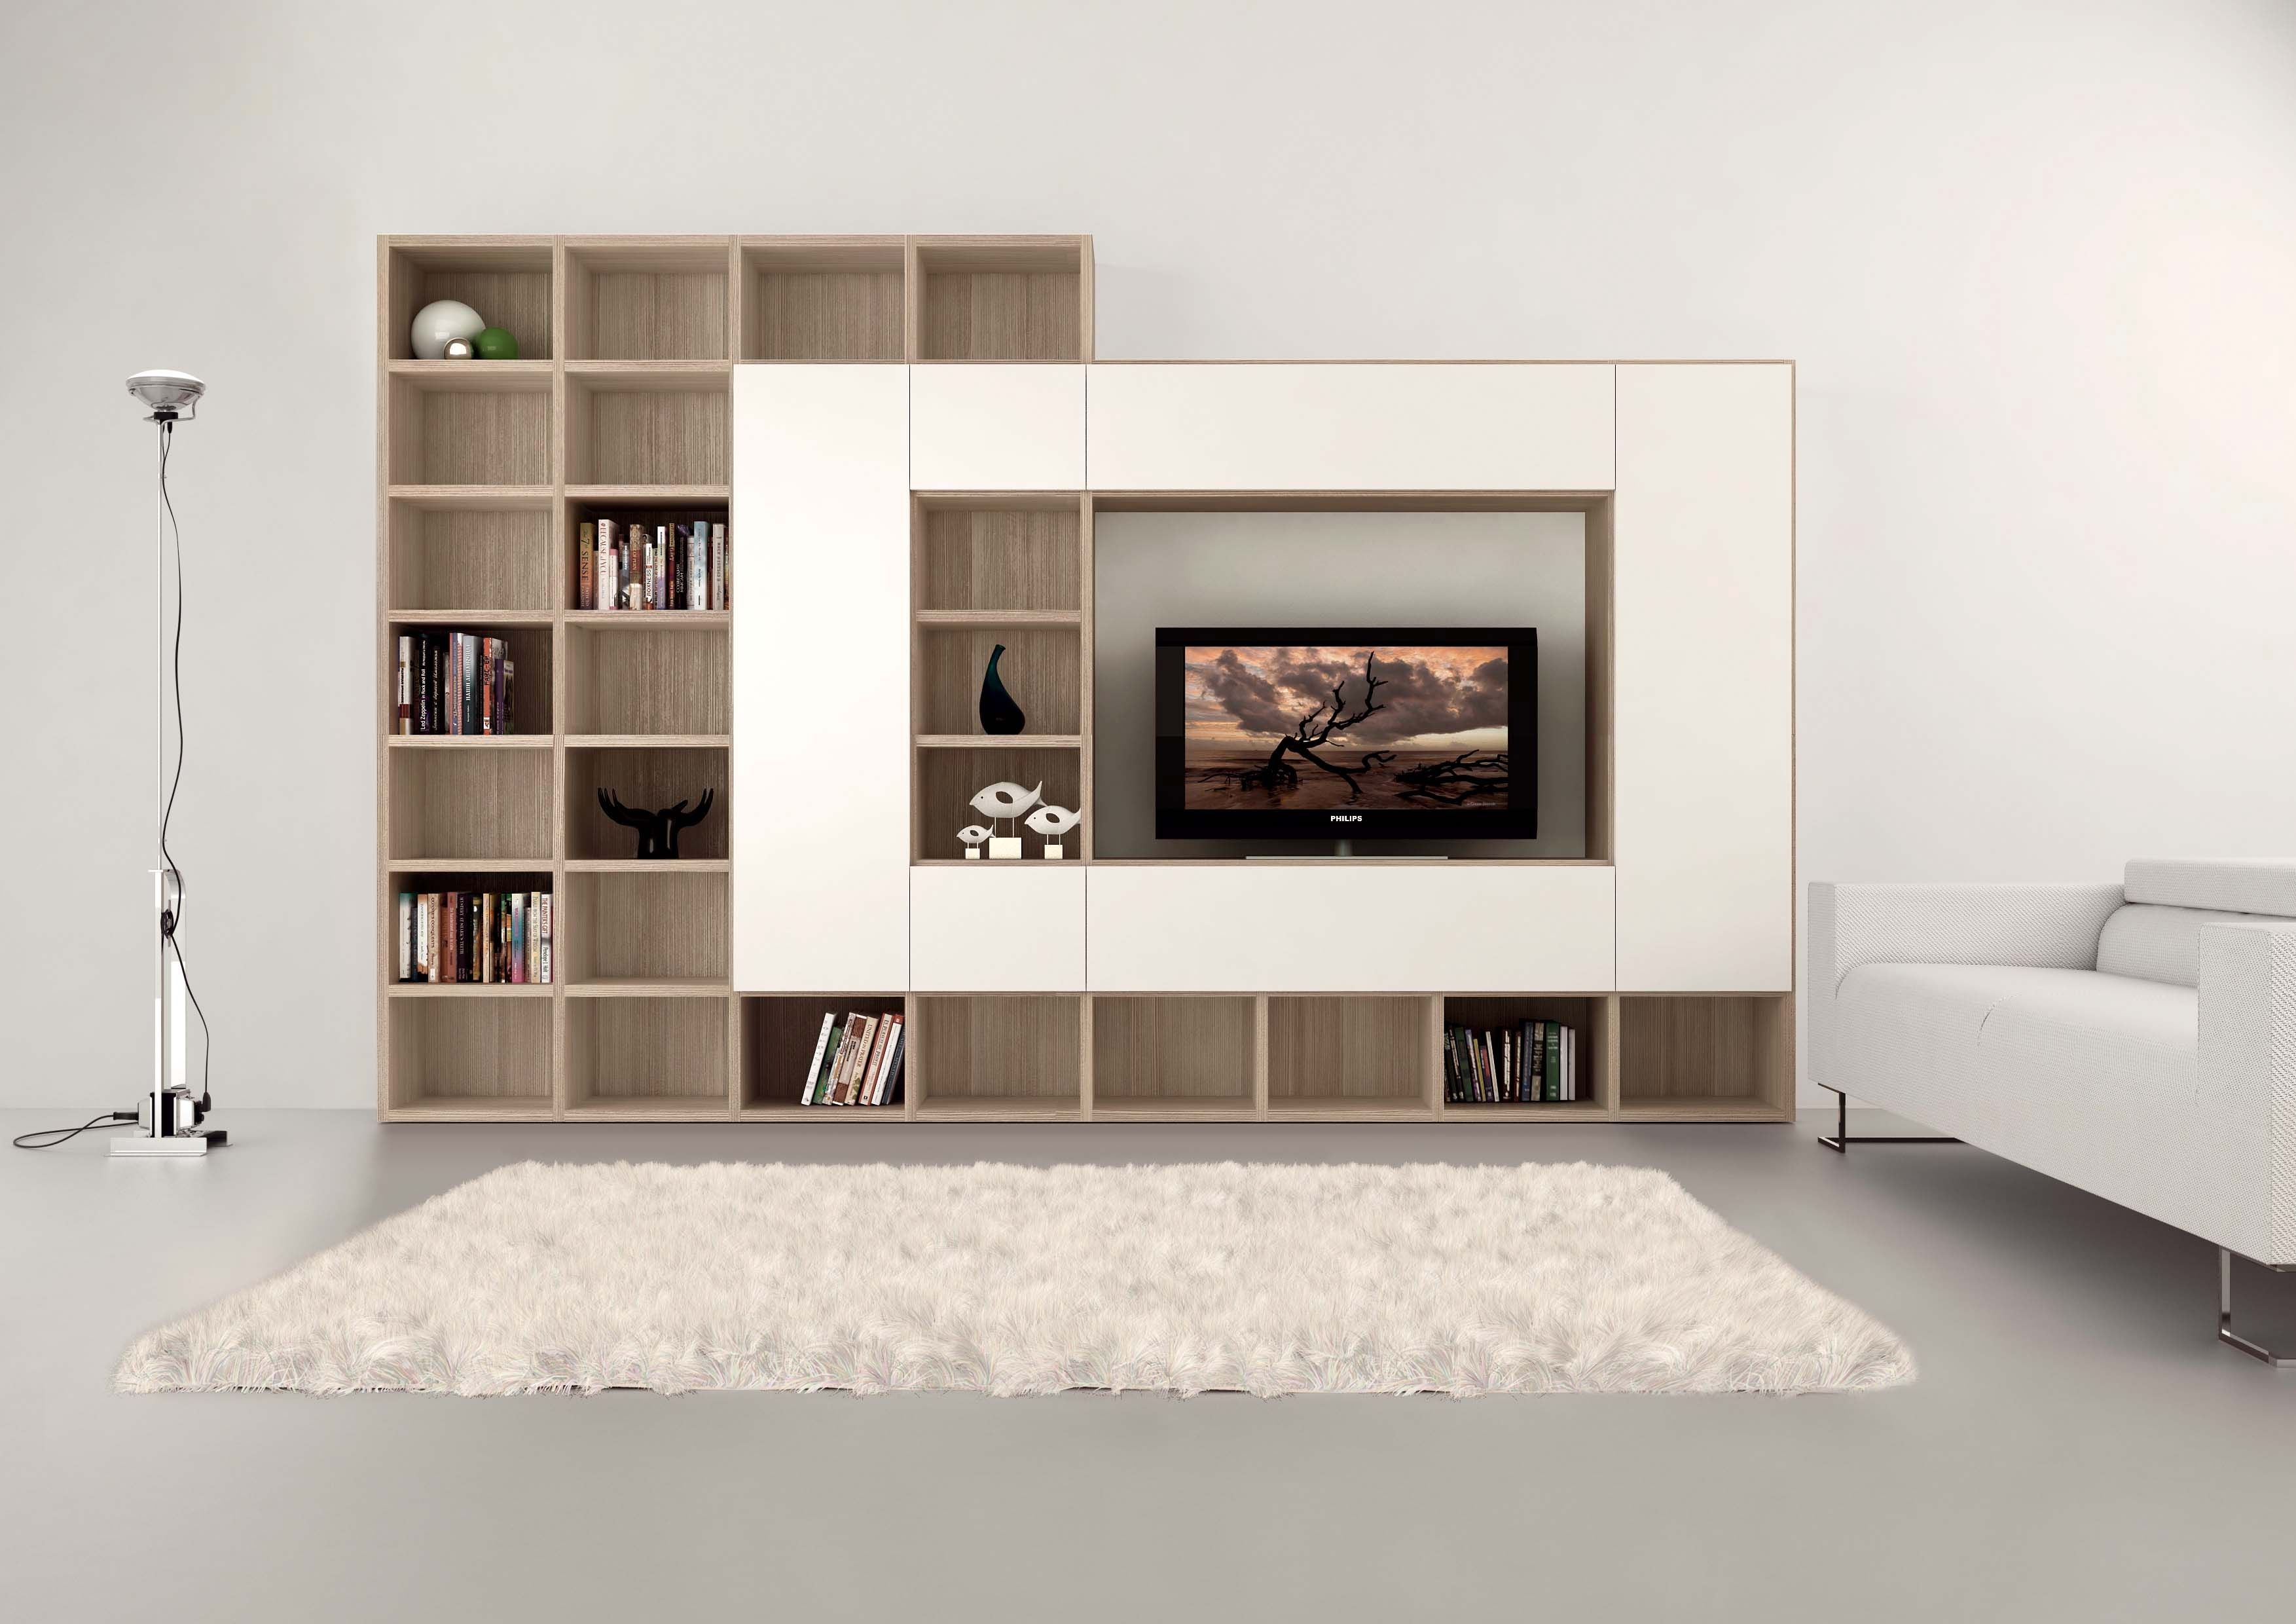 Ideeen Kast Woonkamer Indrukwekkend Woonkamer Tv Kast | tv ...